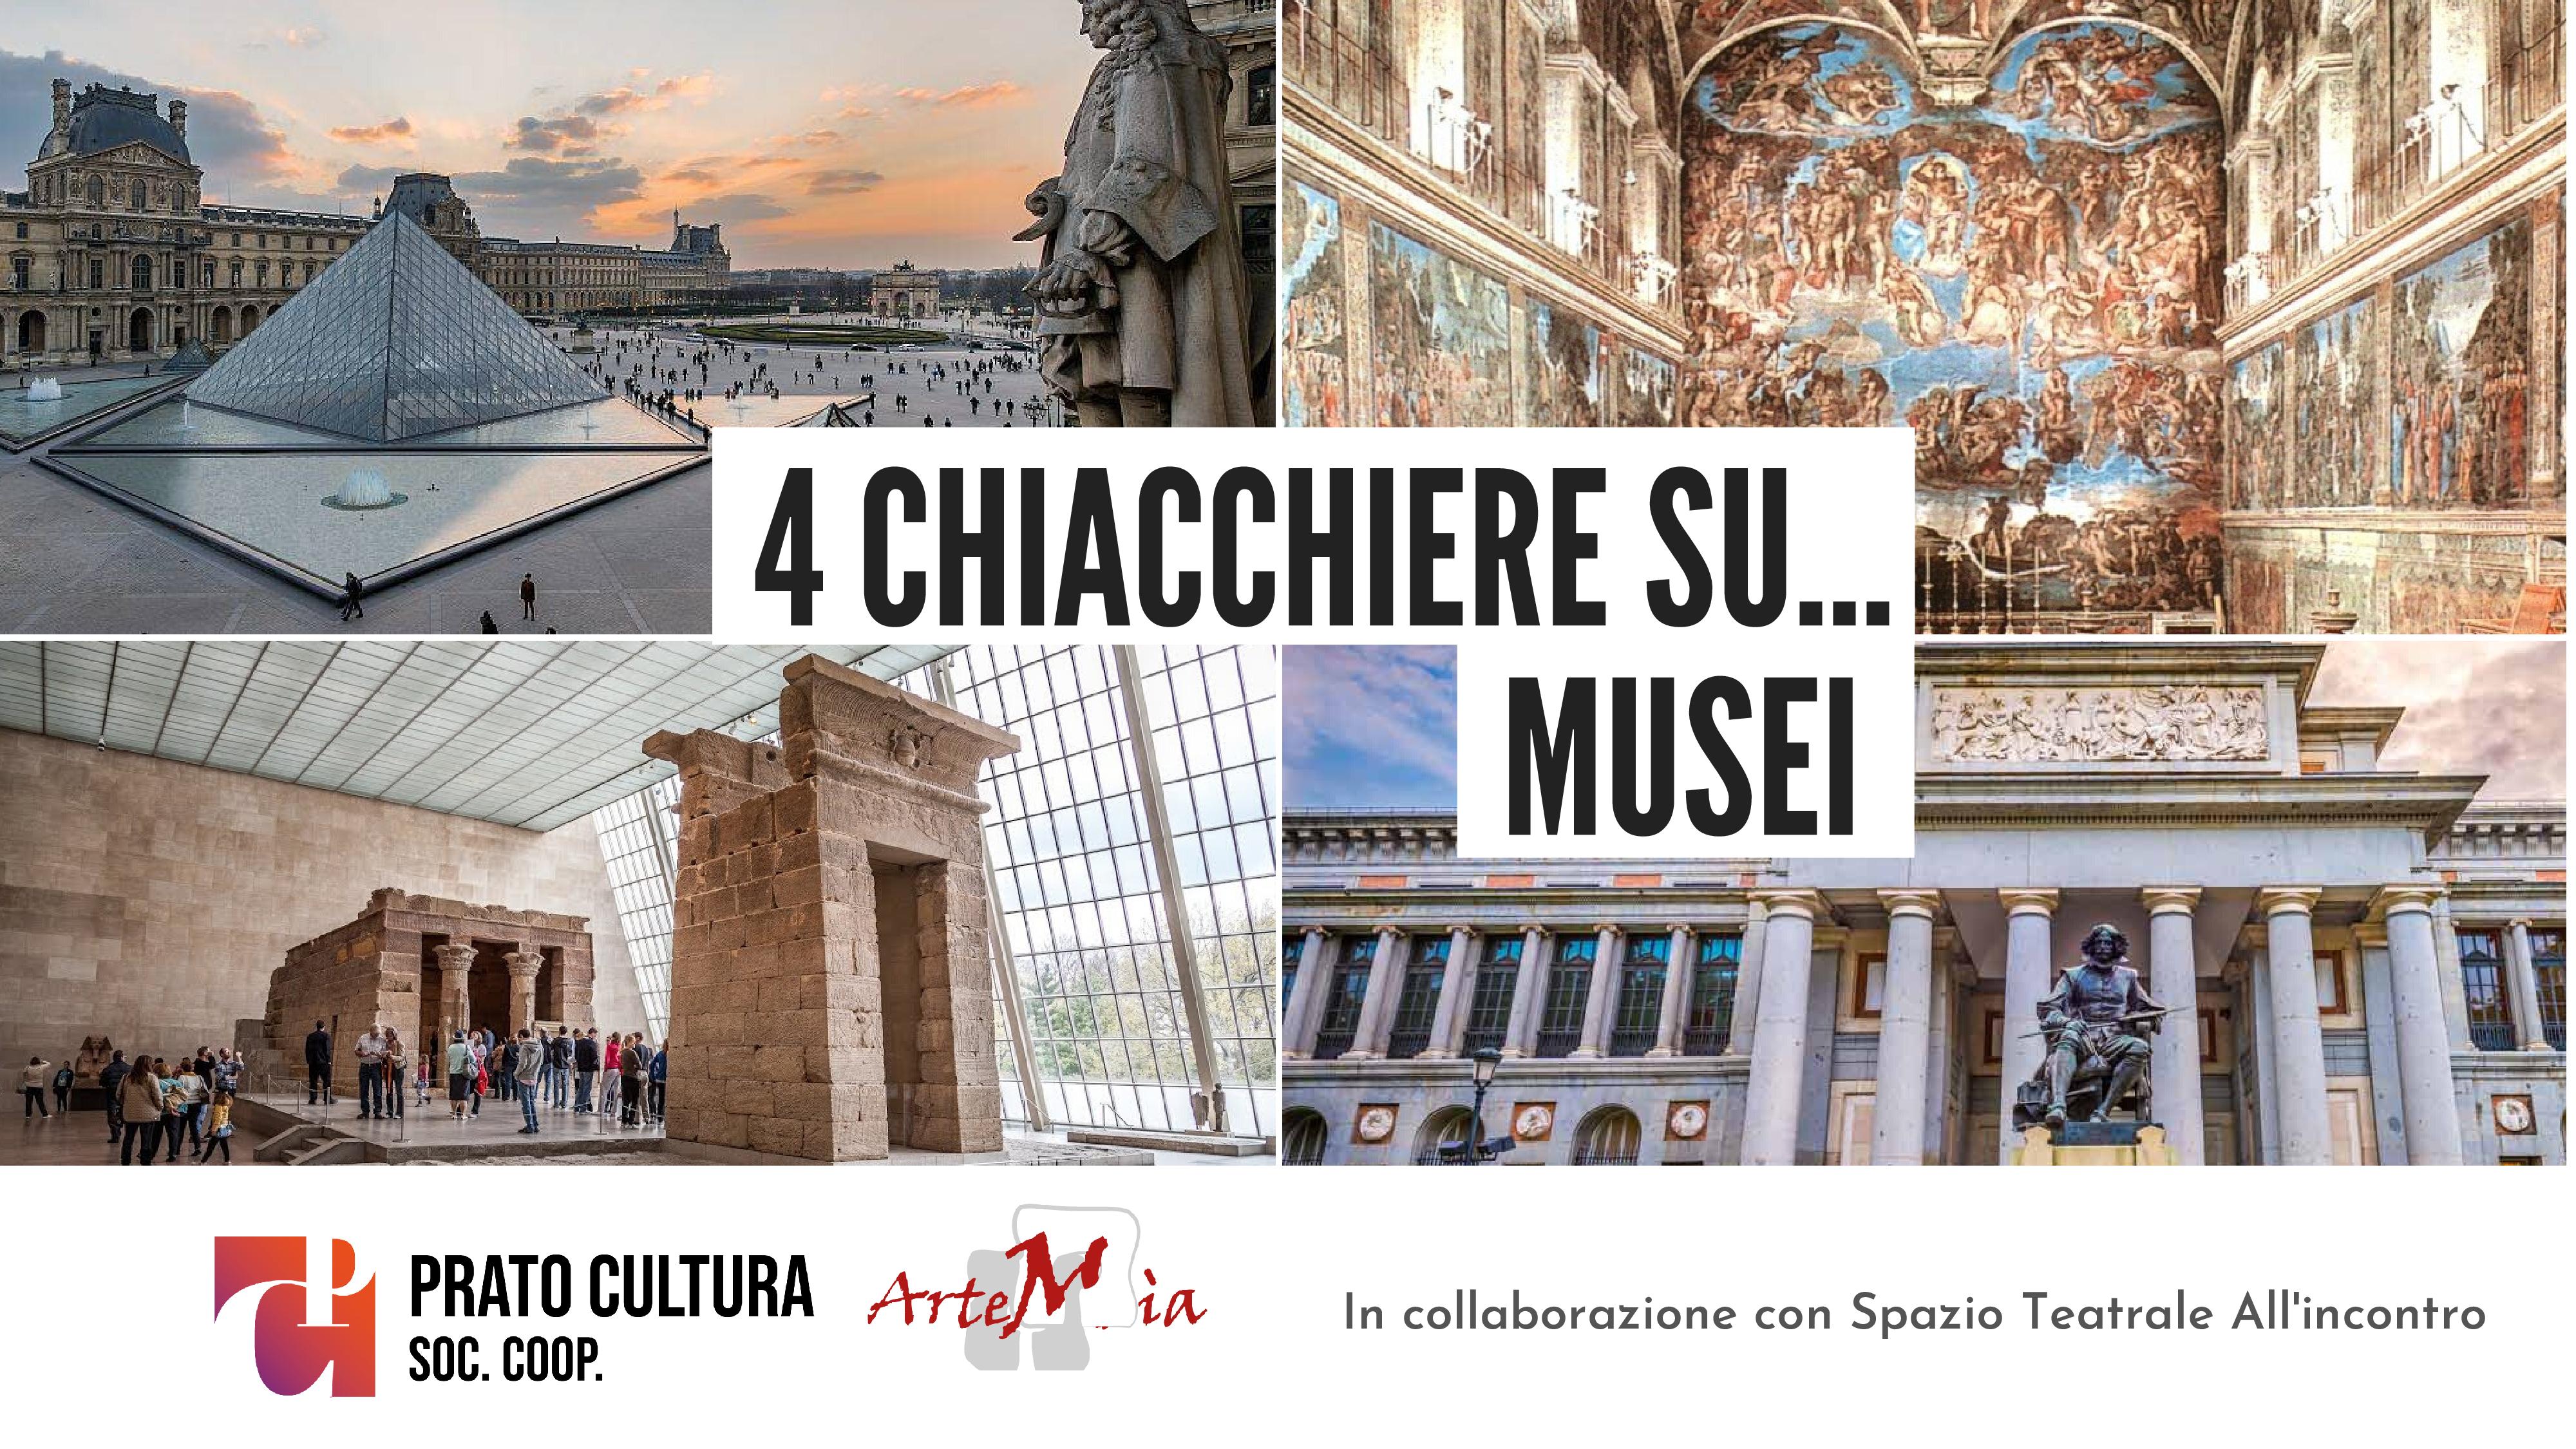 4 CHIACCHIERE SU... Il Museo del Louvre